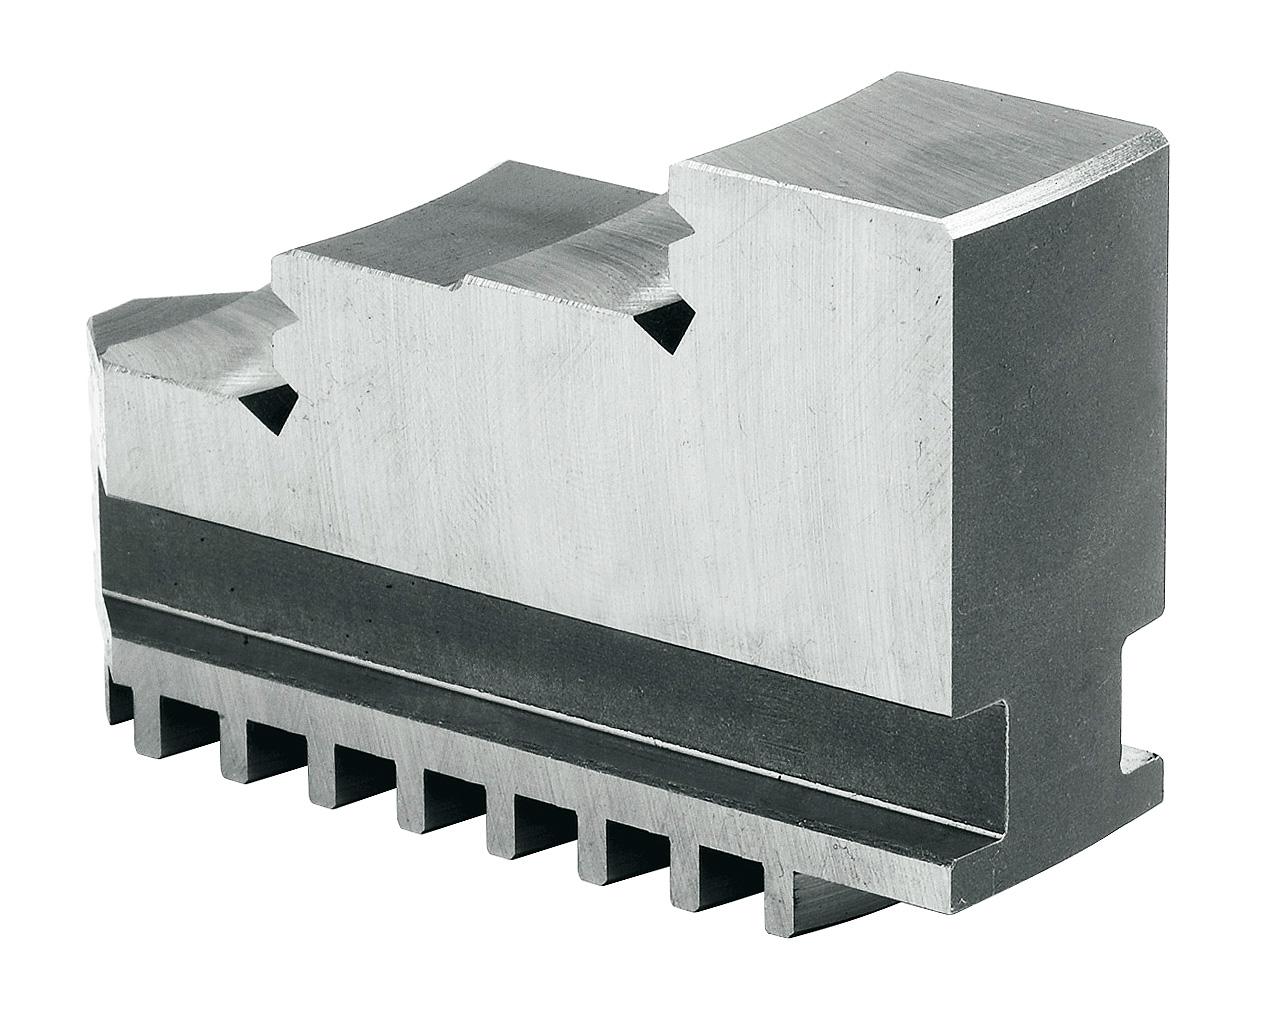 Szczęki jednolite twarde wewnętrzne - komplet IJ-PS4-315 BERNARDO